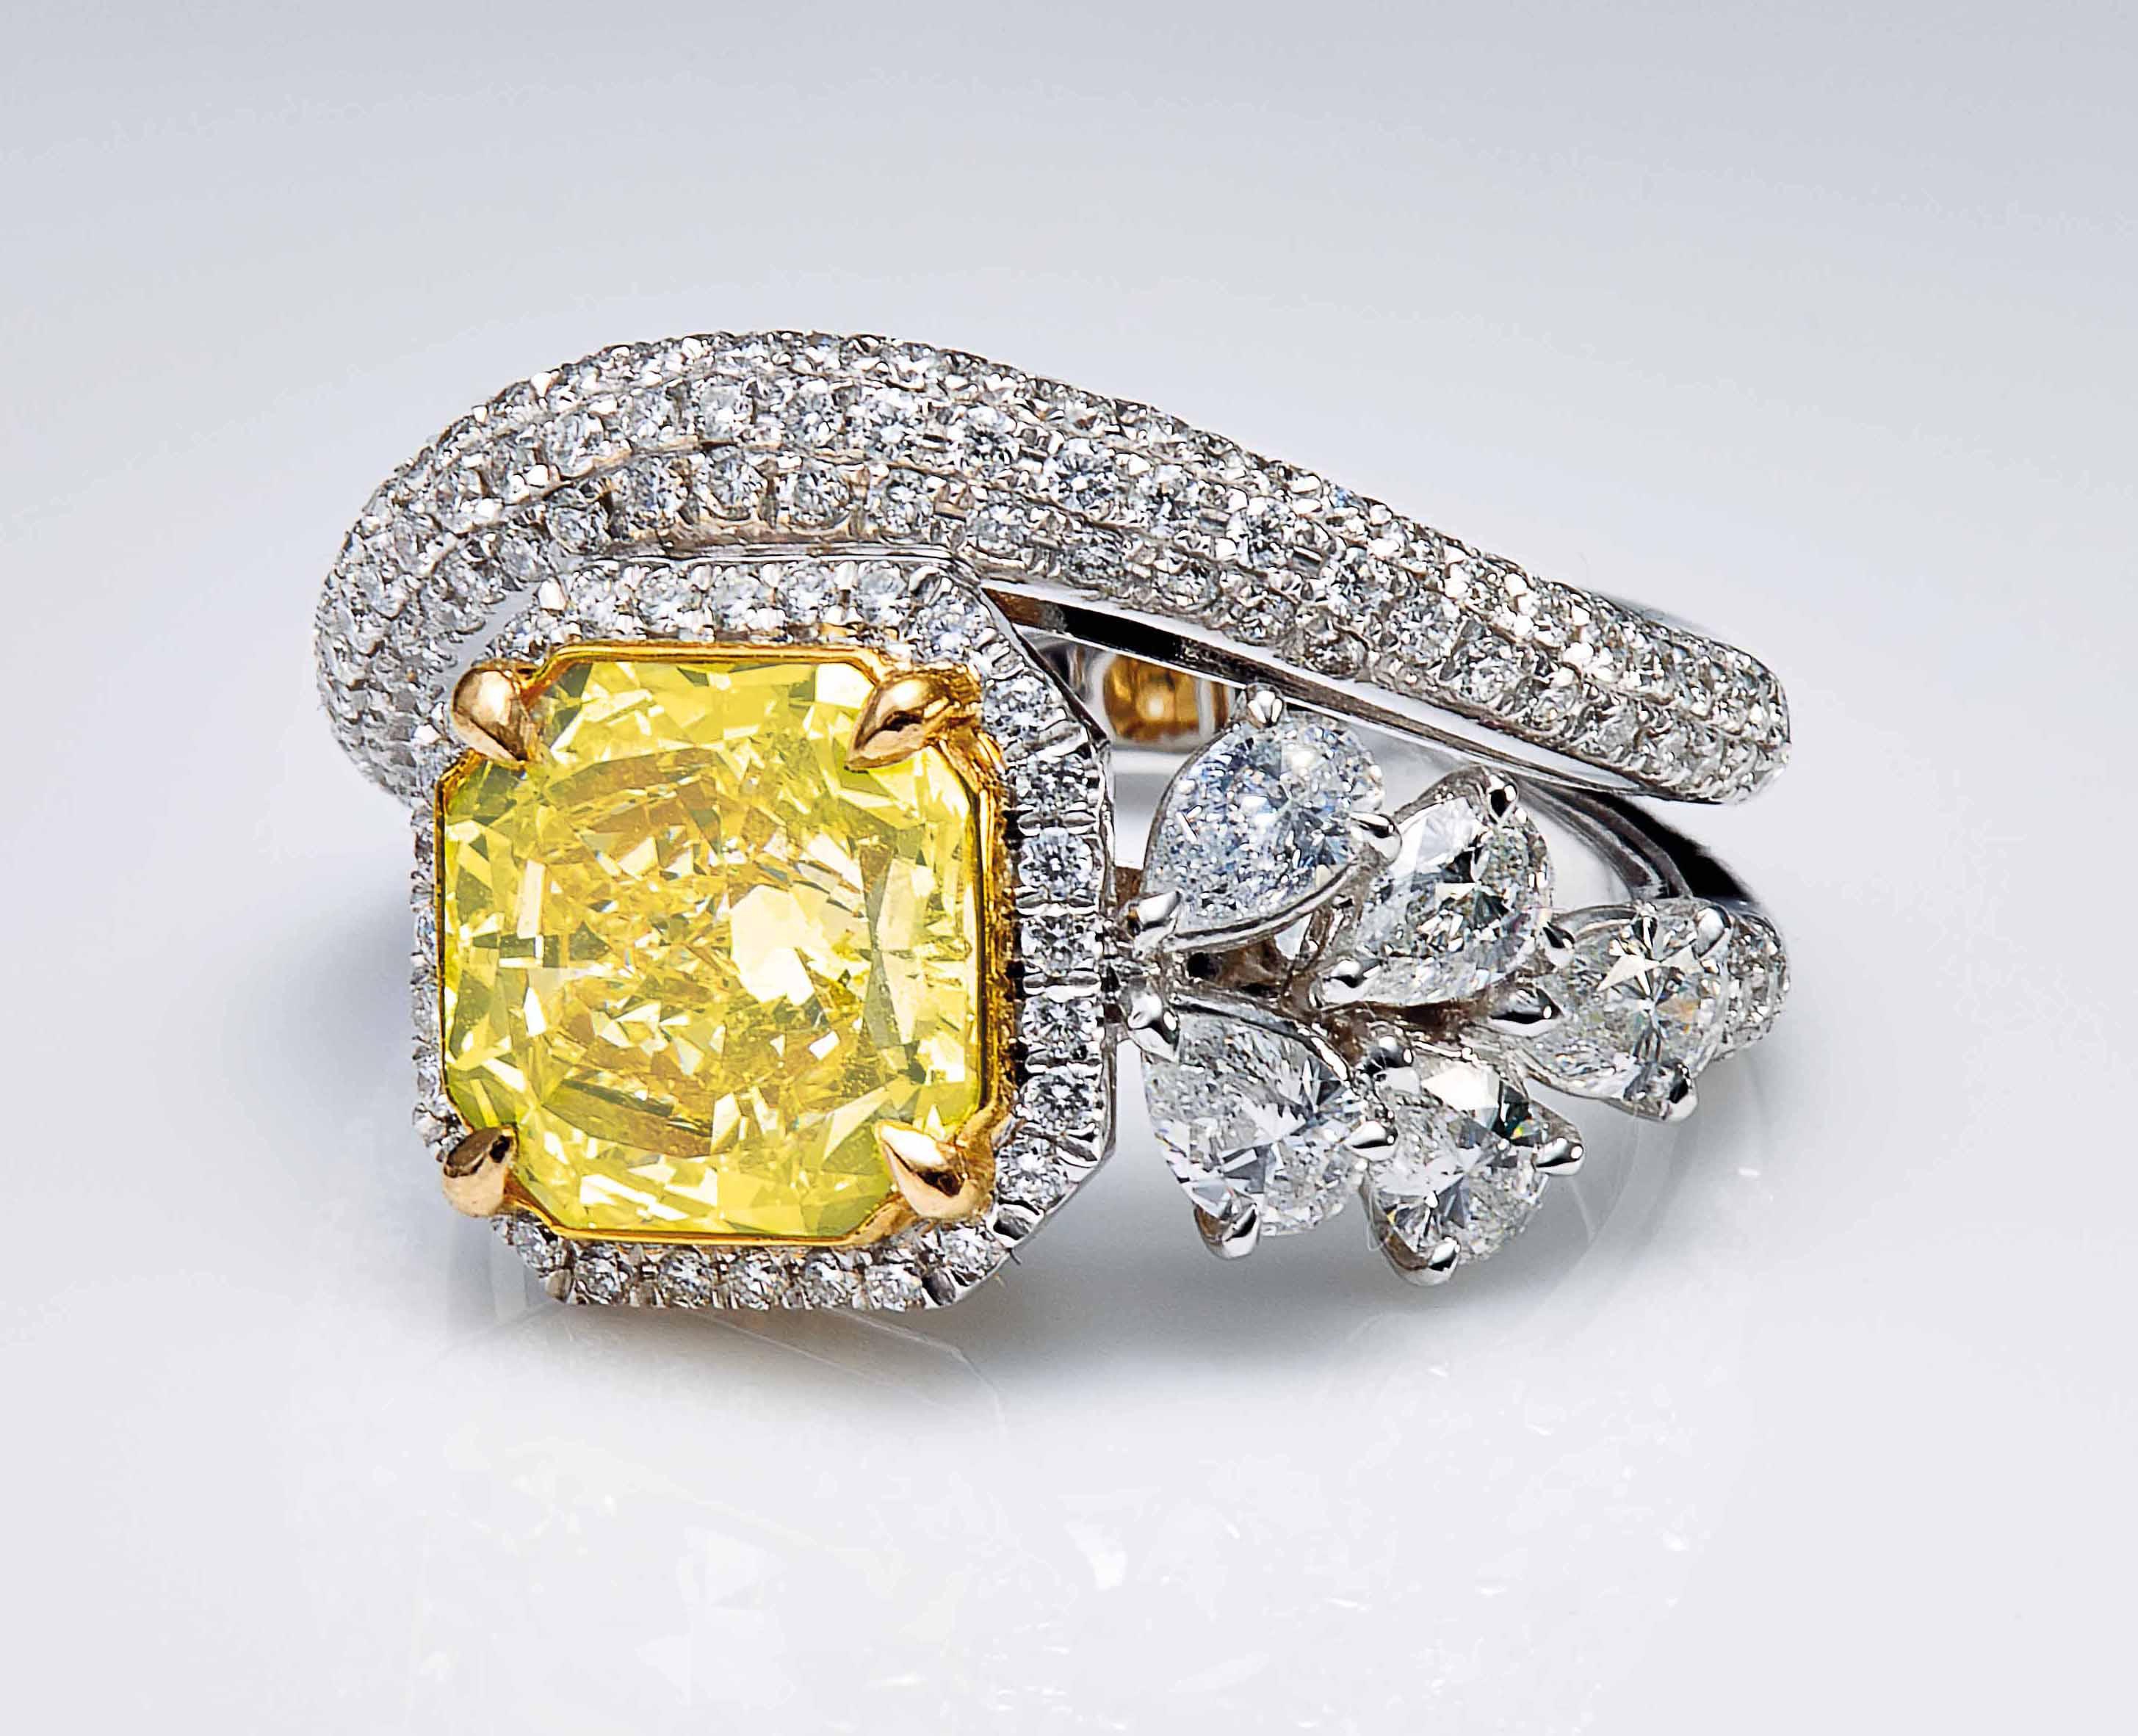 Vihari Jewels